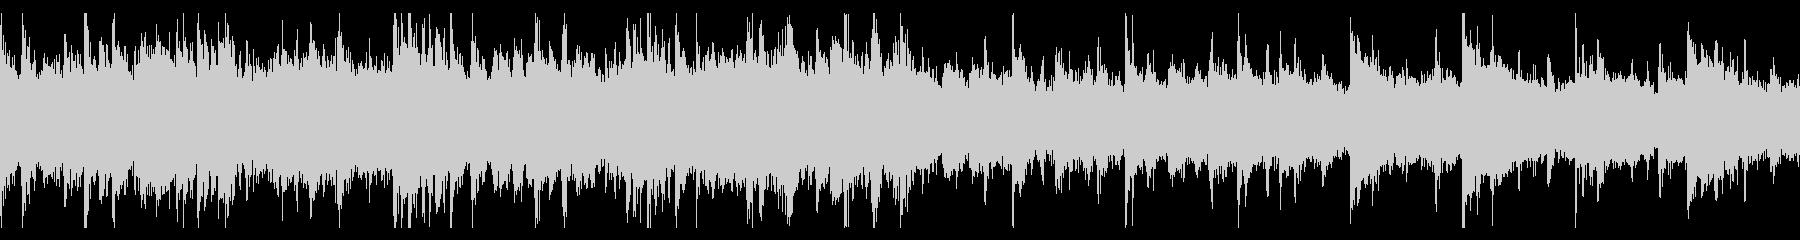 爽やかピアノメイン(ループ仕様)ver2の未再生の波形